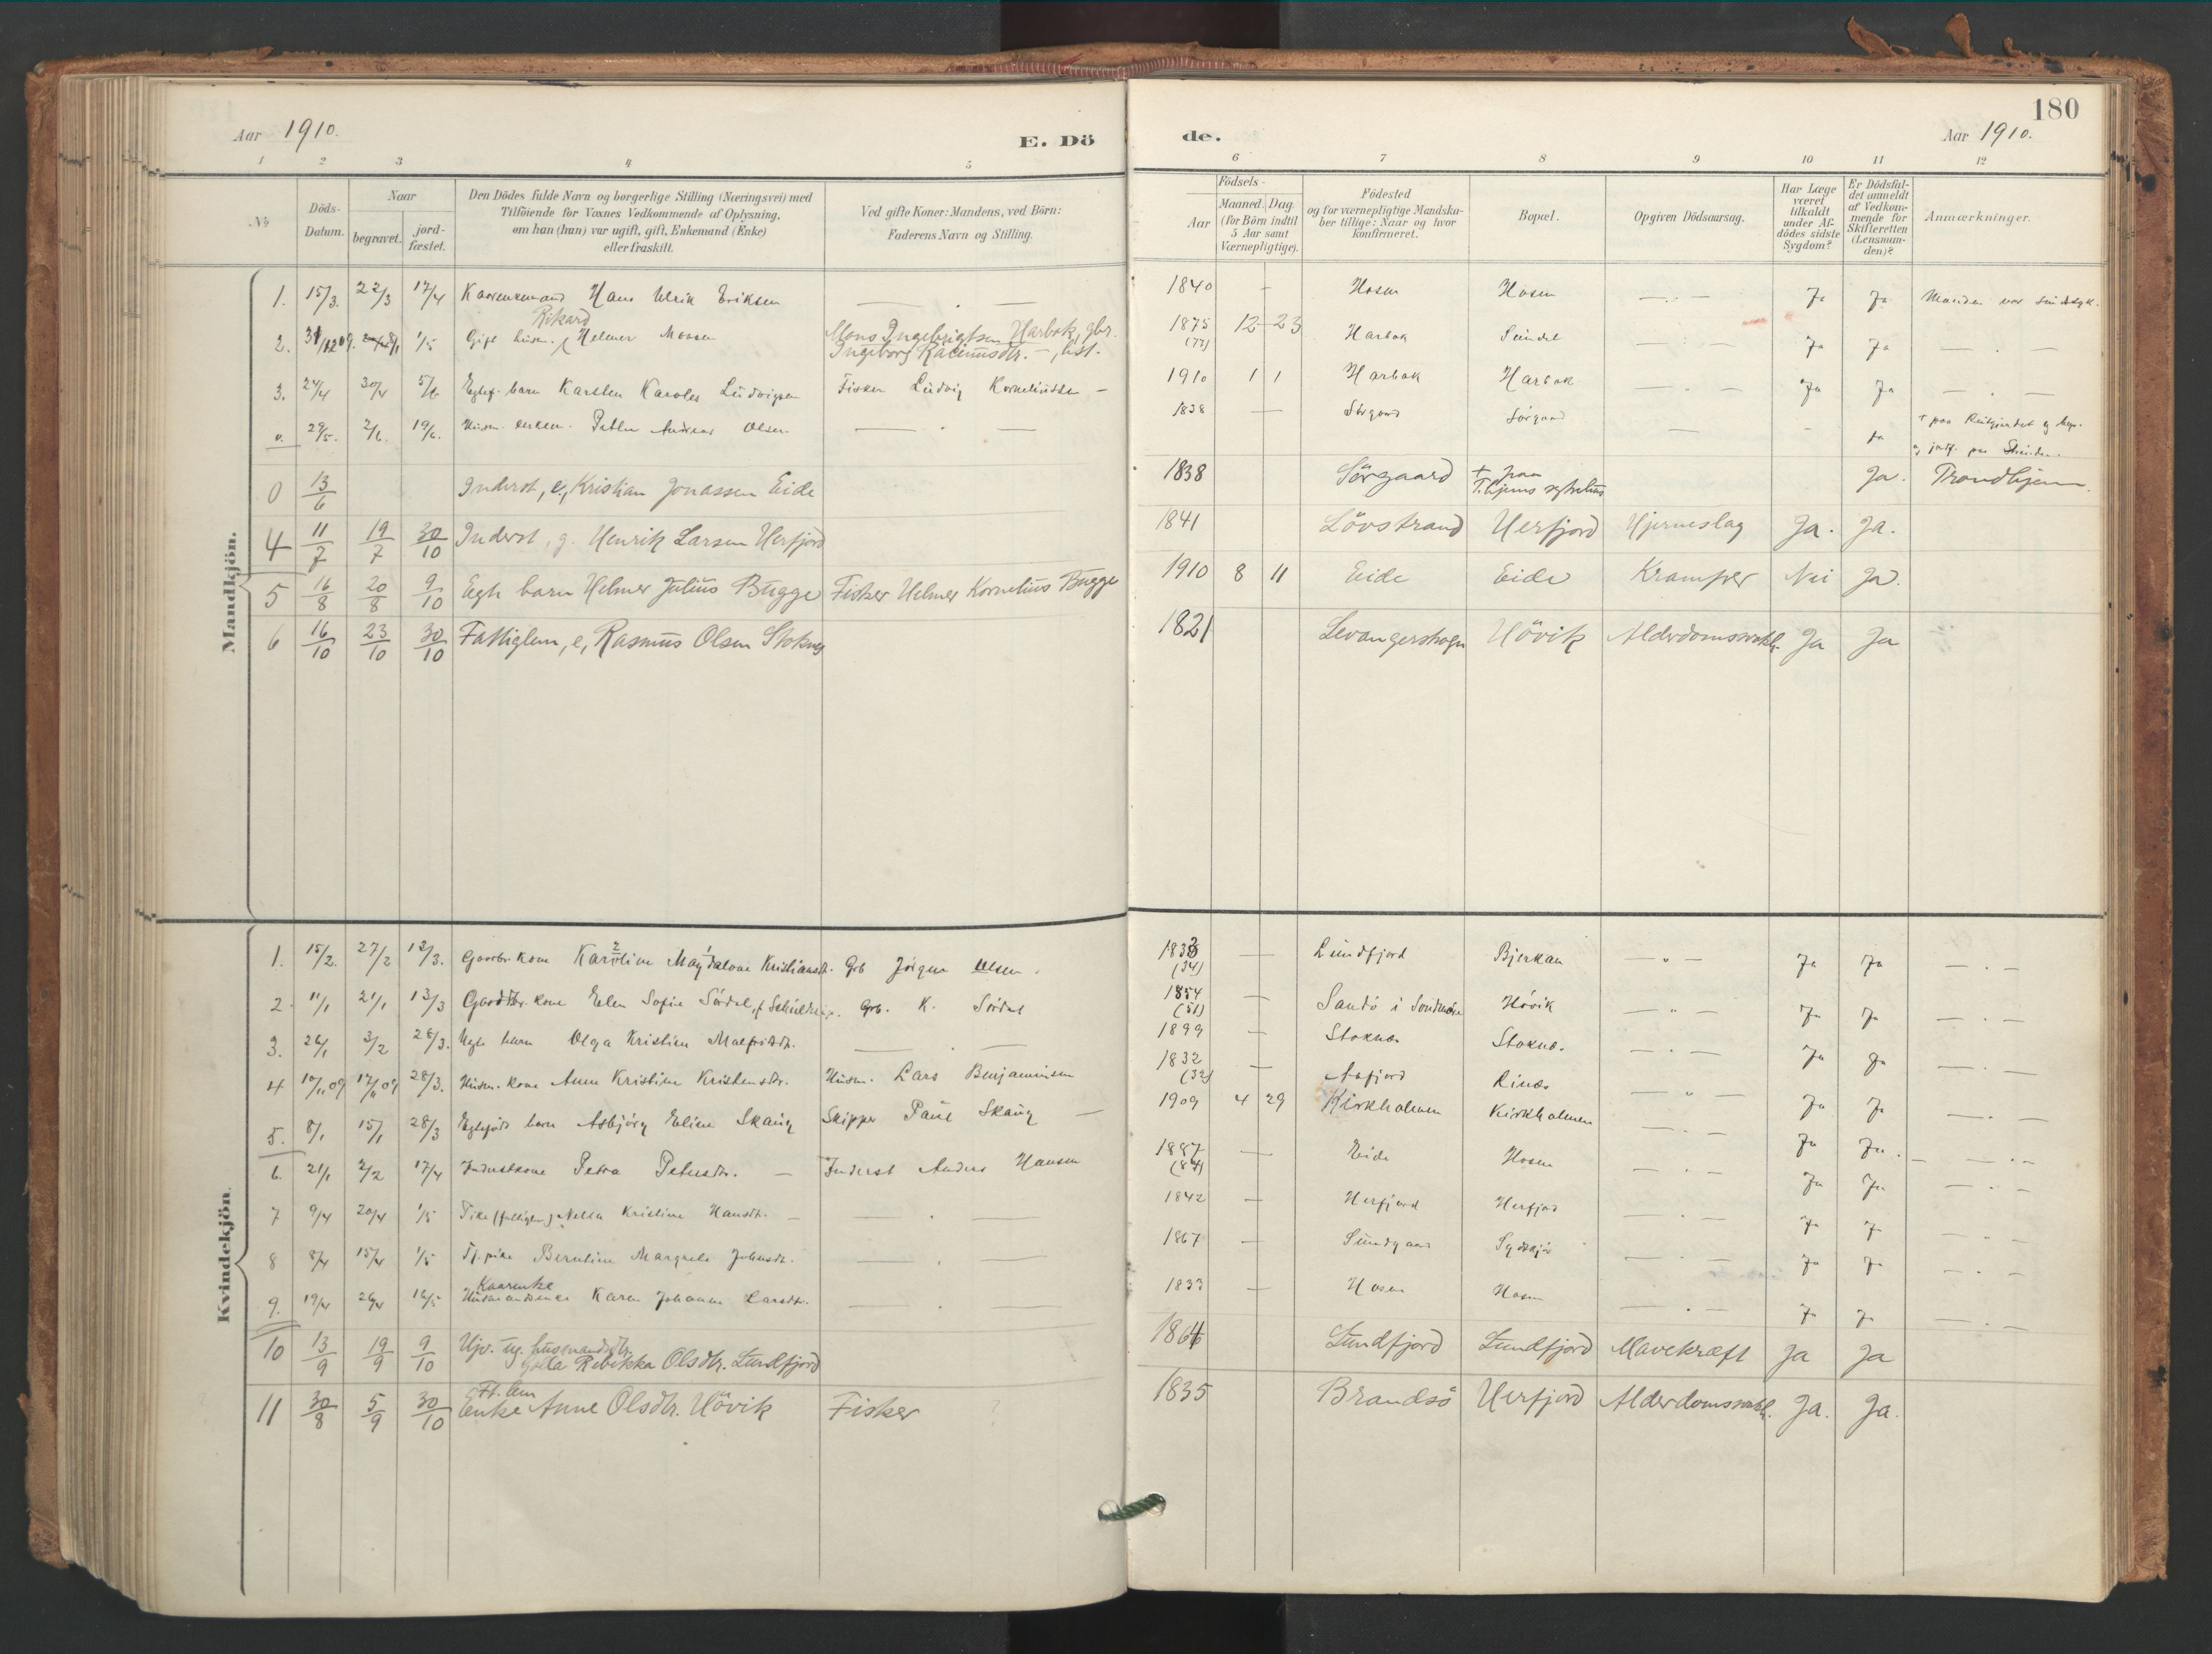 SAT, Ministerialprotokoller, klokkerbøker og fødselsregistre - Sør-Trøndelag, 656/L0693: Ministerialbok nr. 656A02, 1894-1913, s. 180